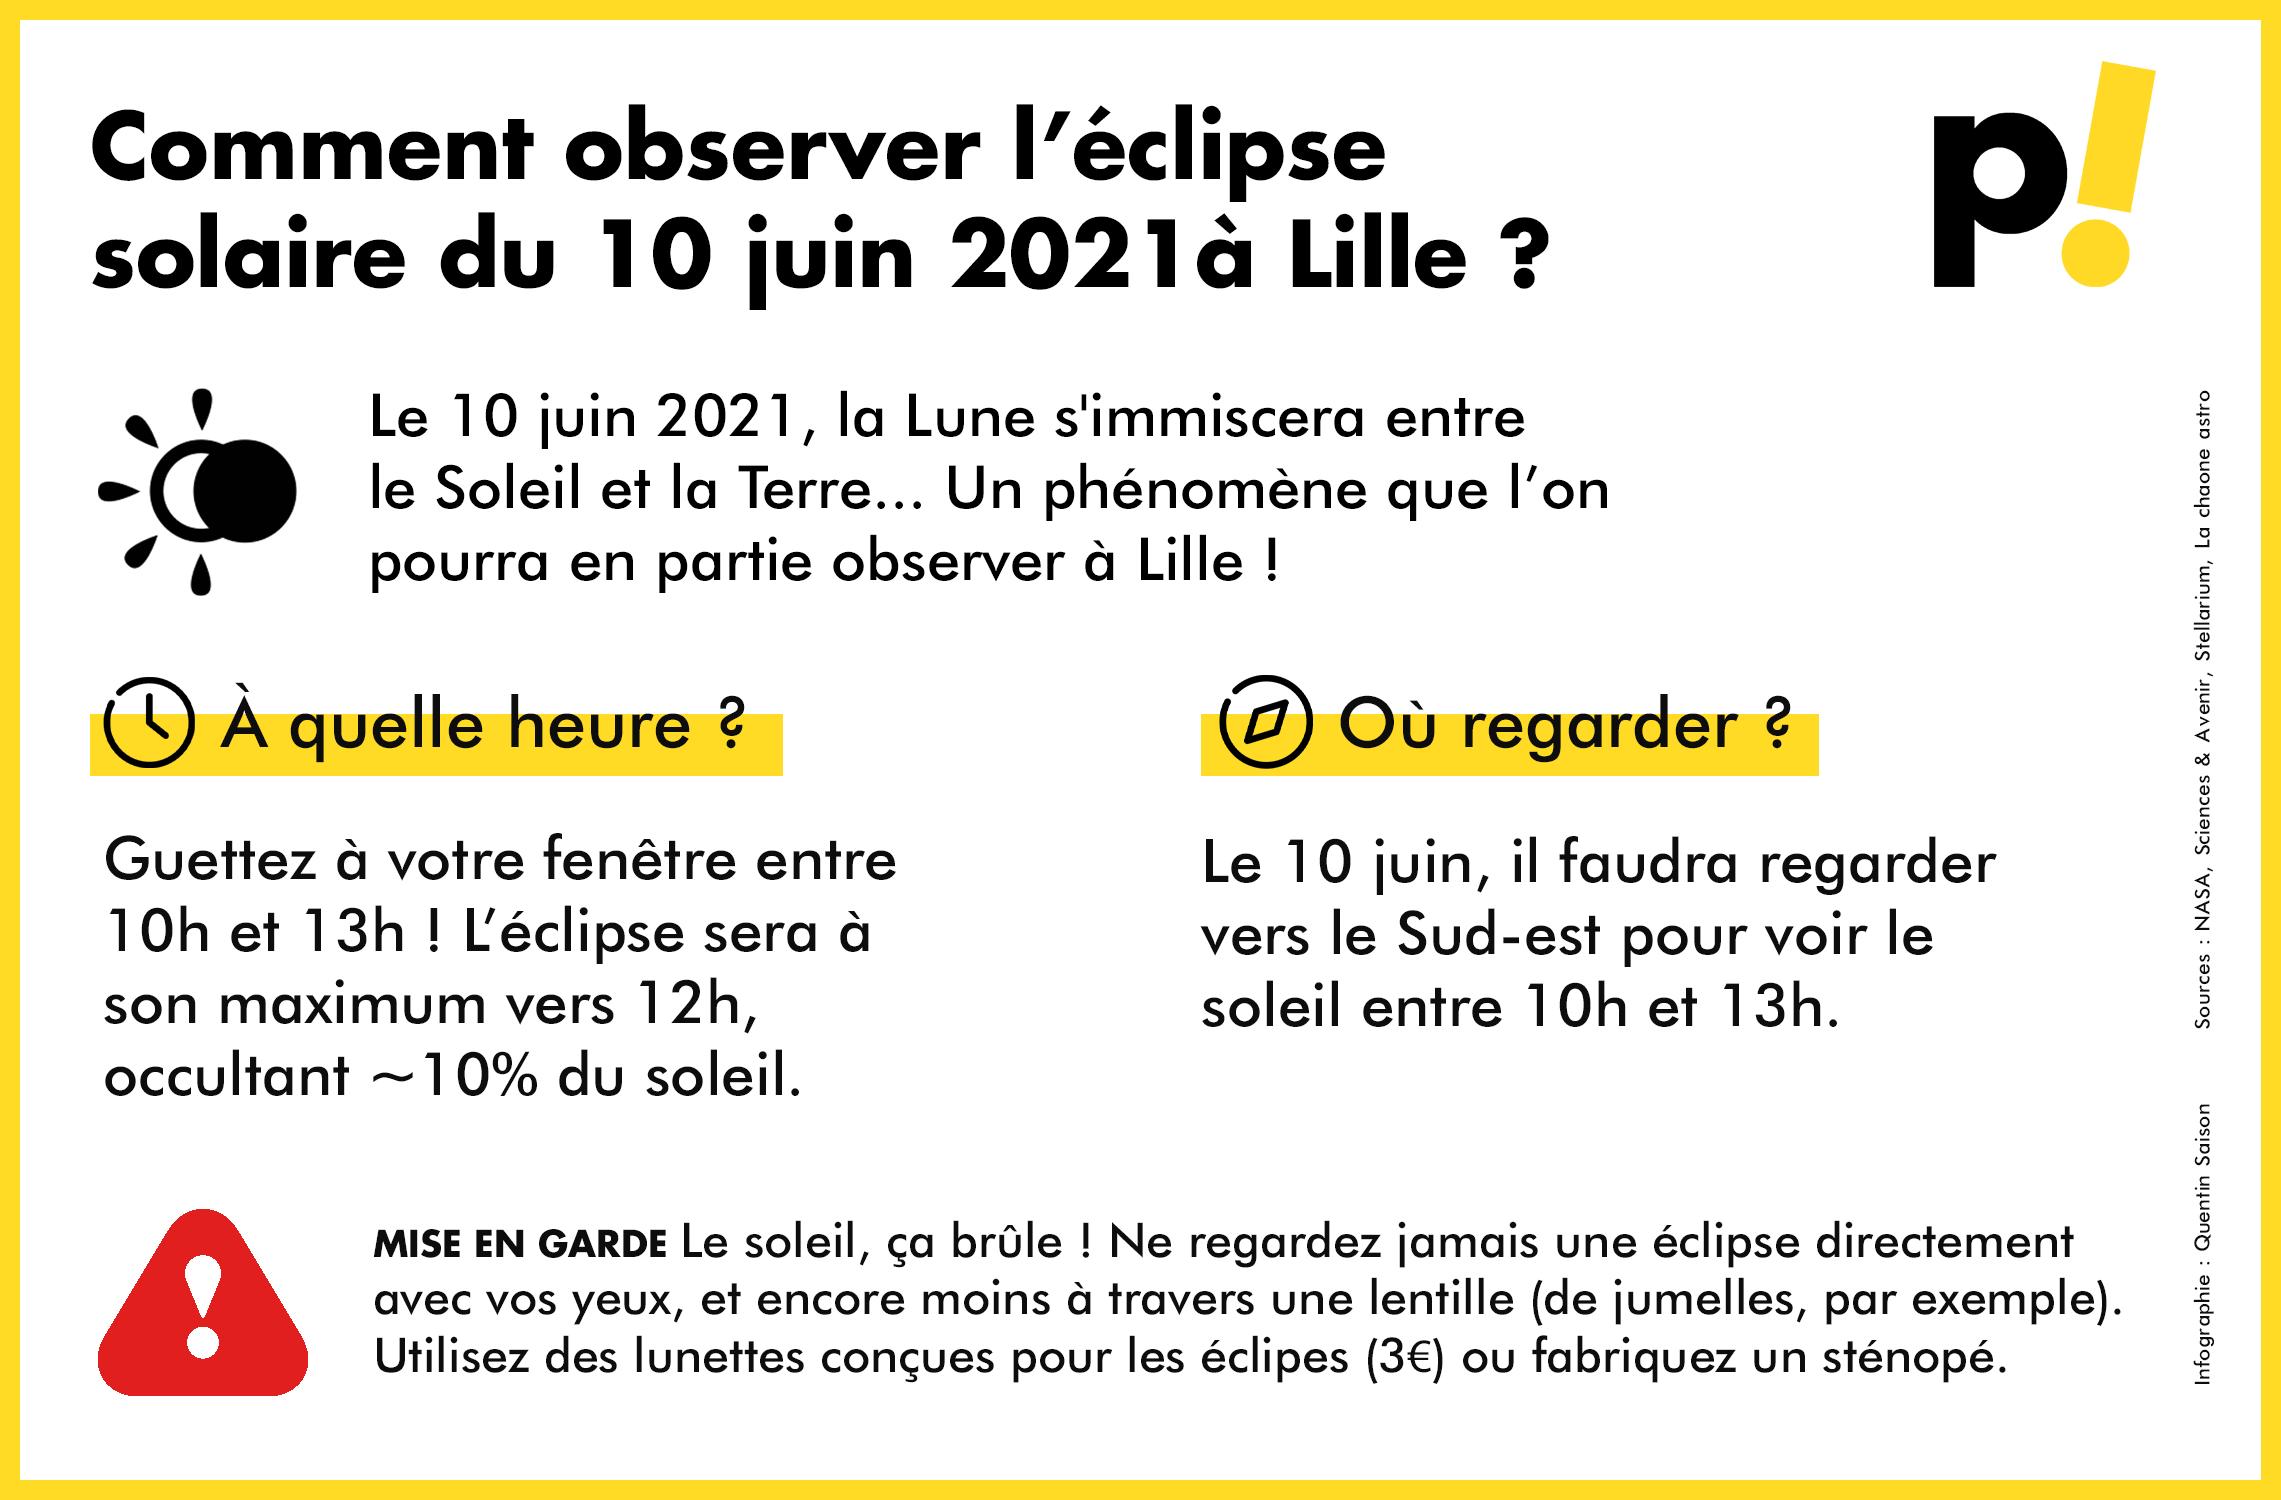 Observer éclipse solaire du 10 juin 2021